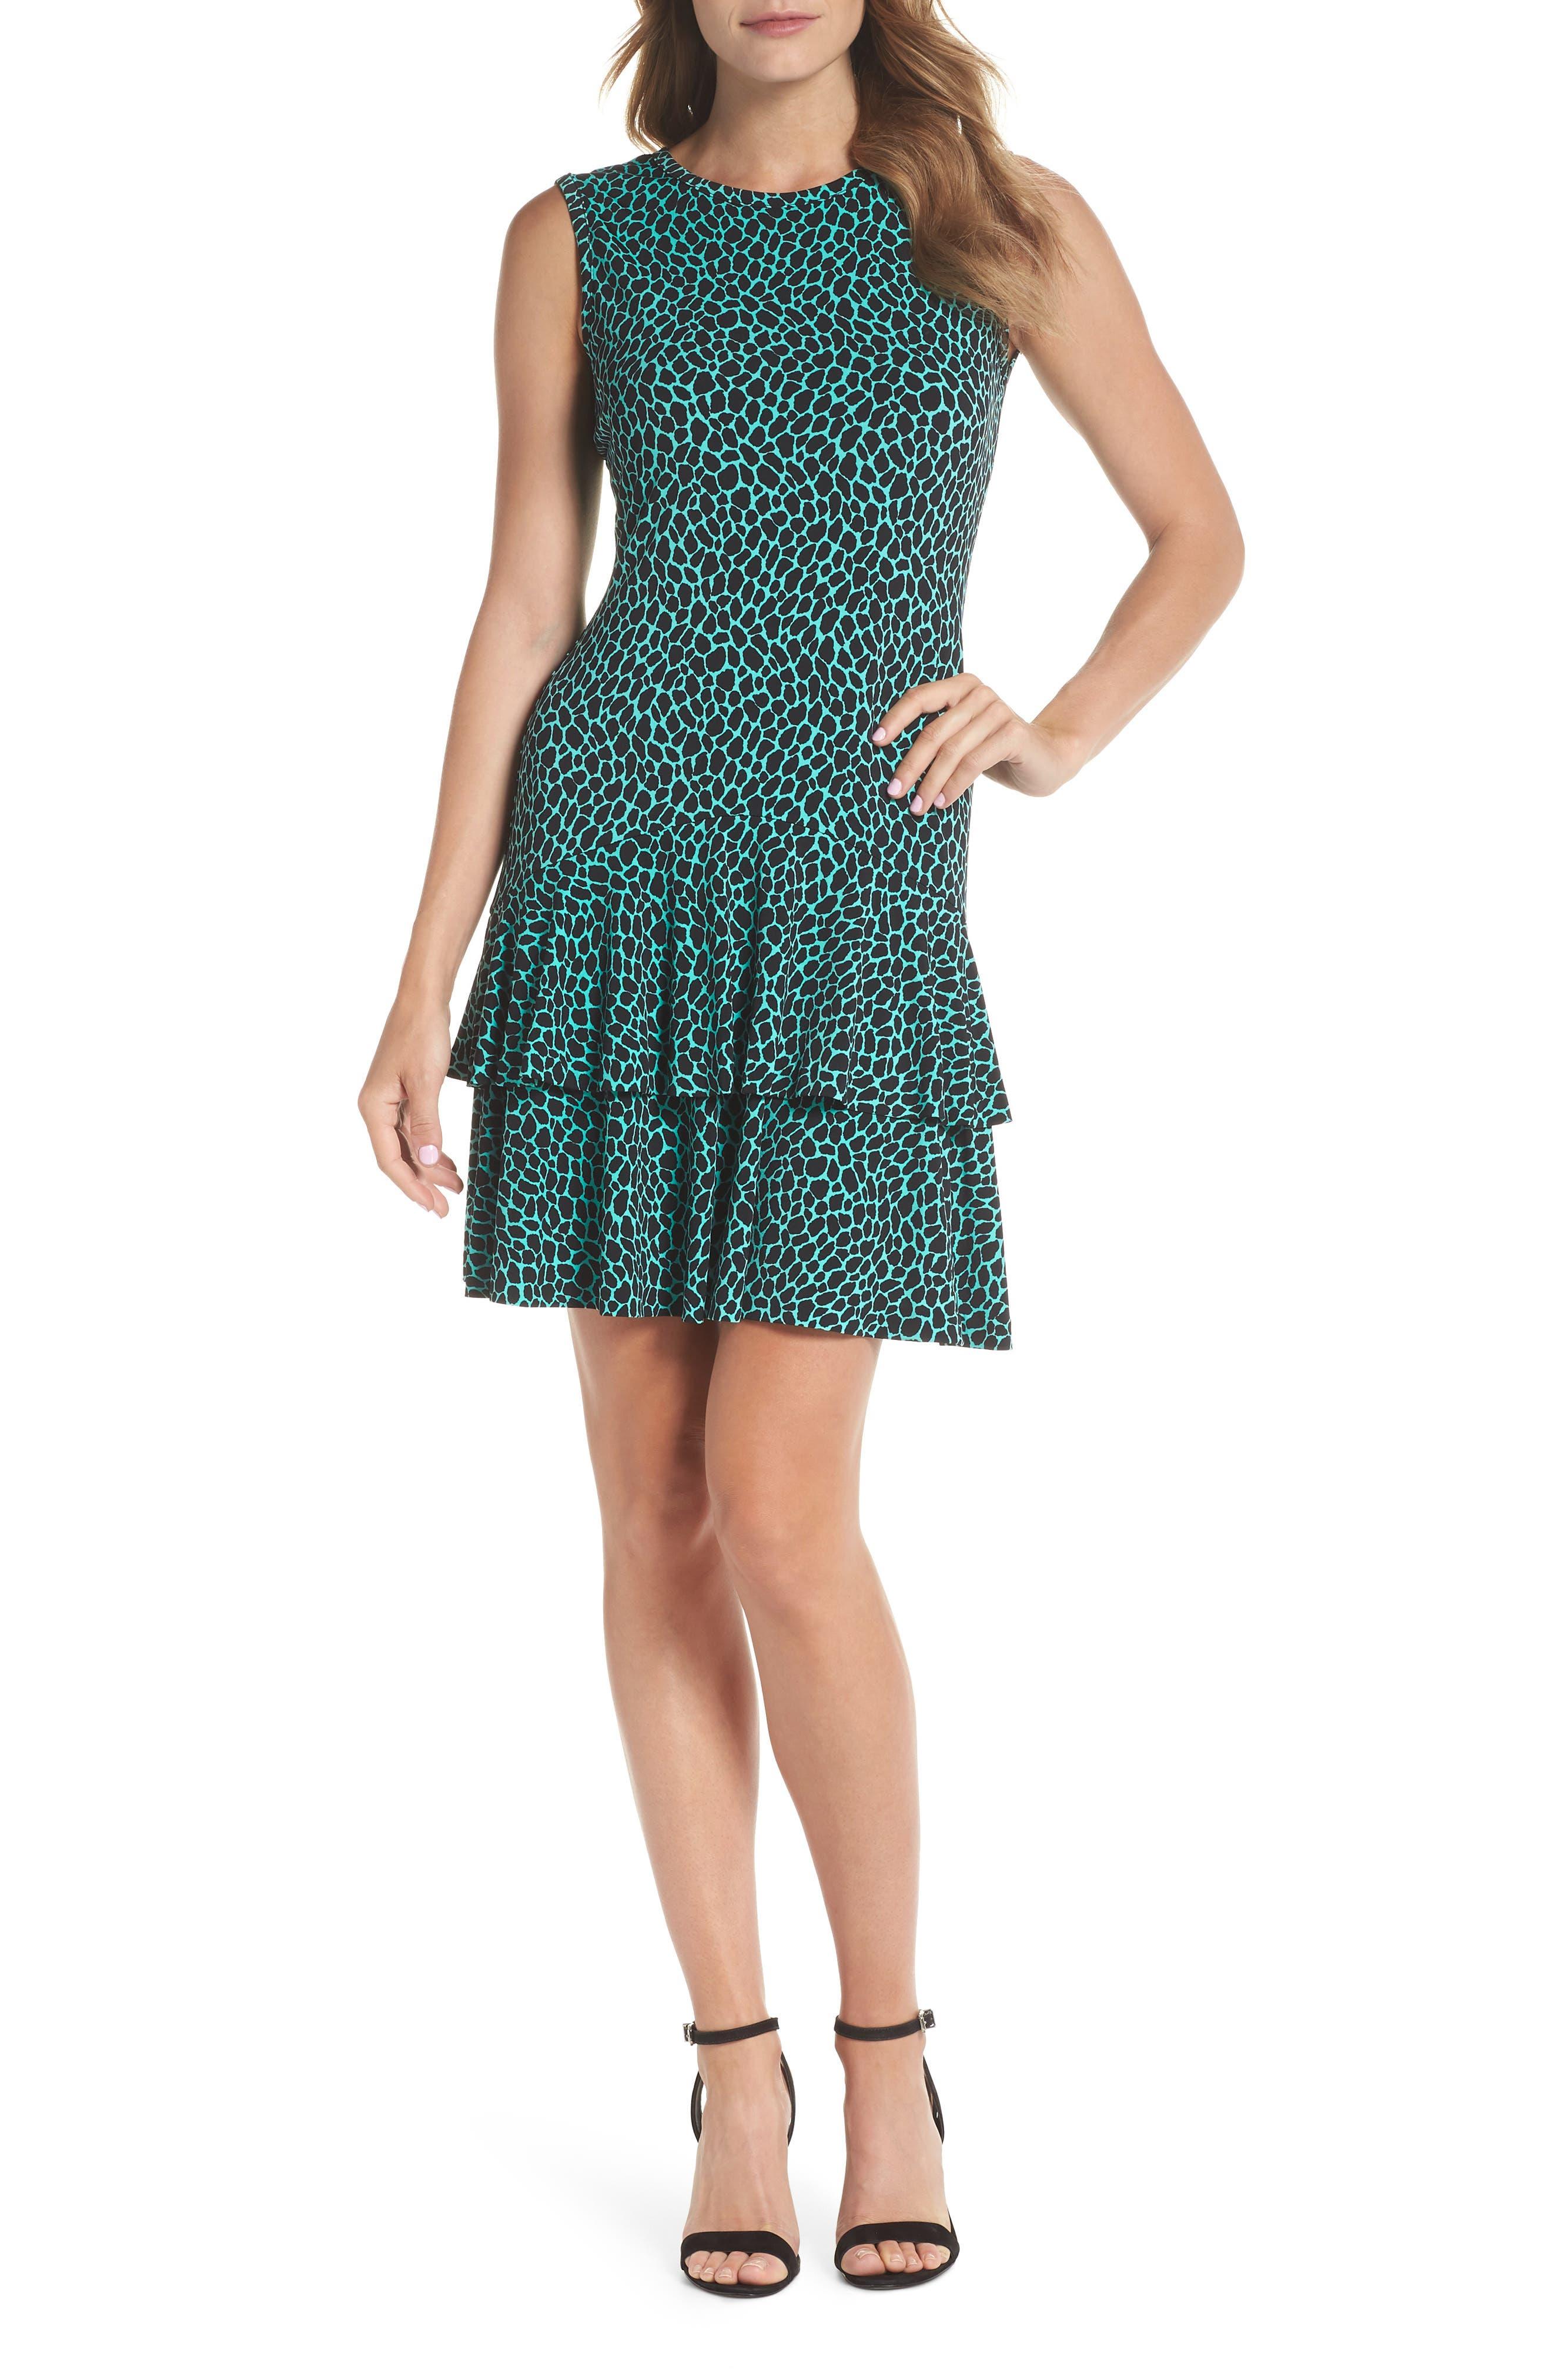 Leopard Print Flounce Hem Dress,                             Main thumbnail 1, color,                             Aqua/ Black